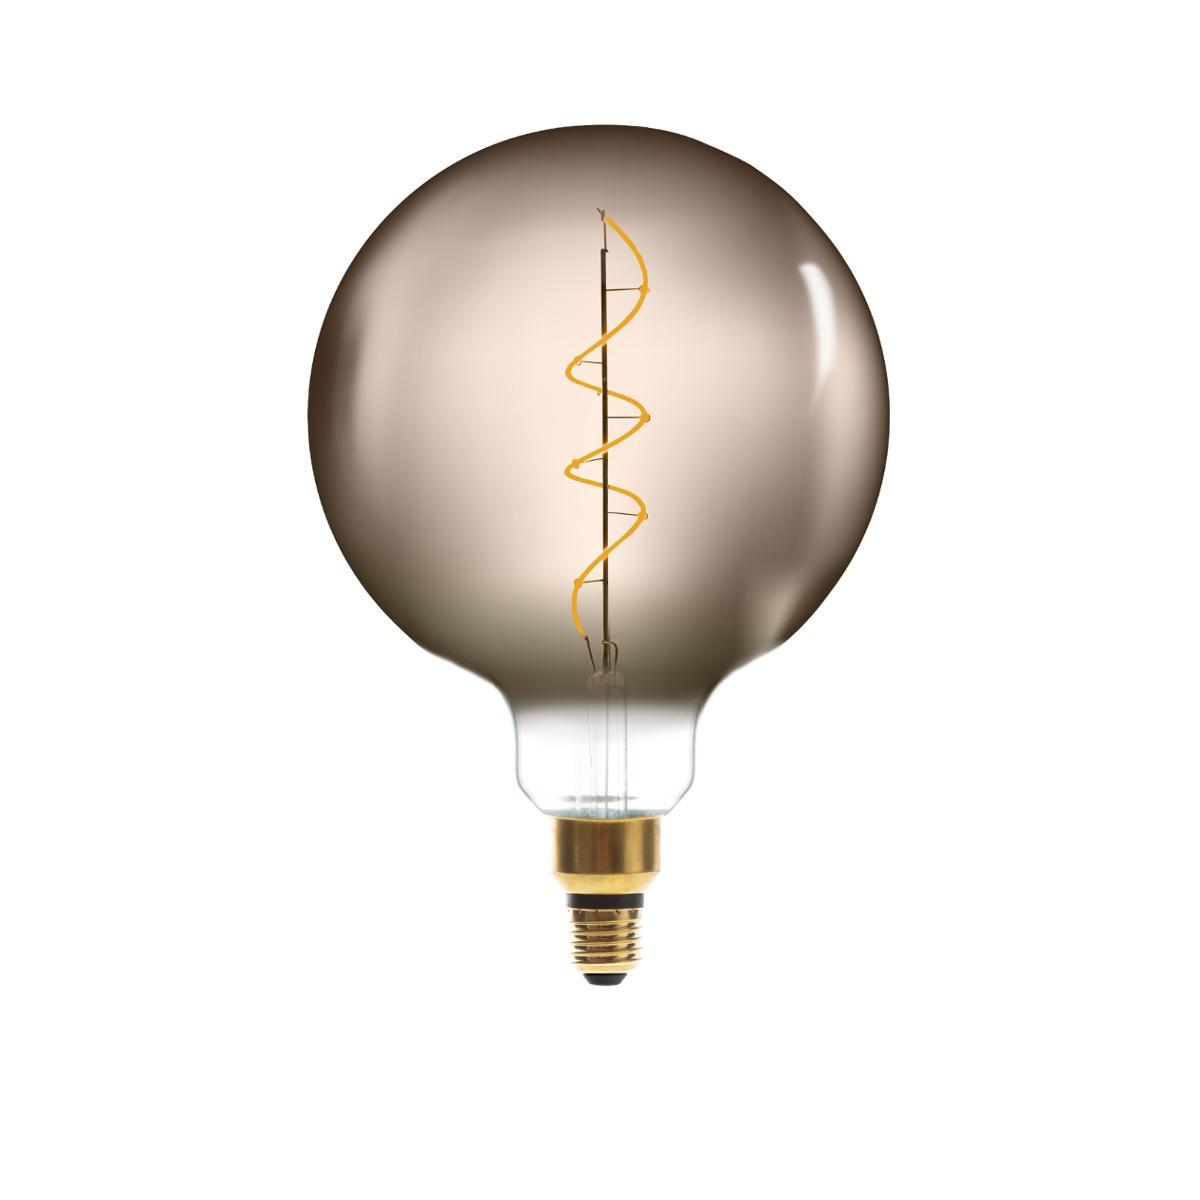 Ampoule LED Torsad Fumée G200 6W